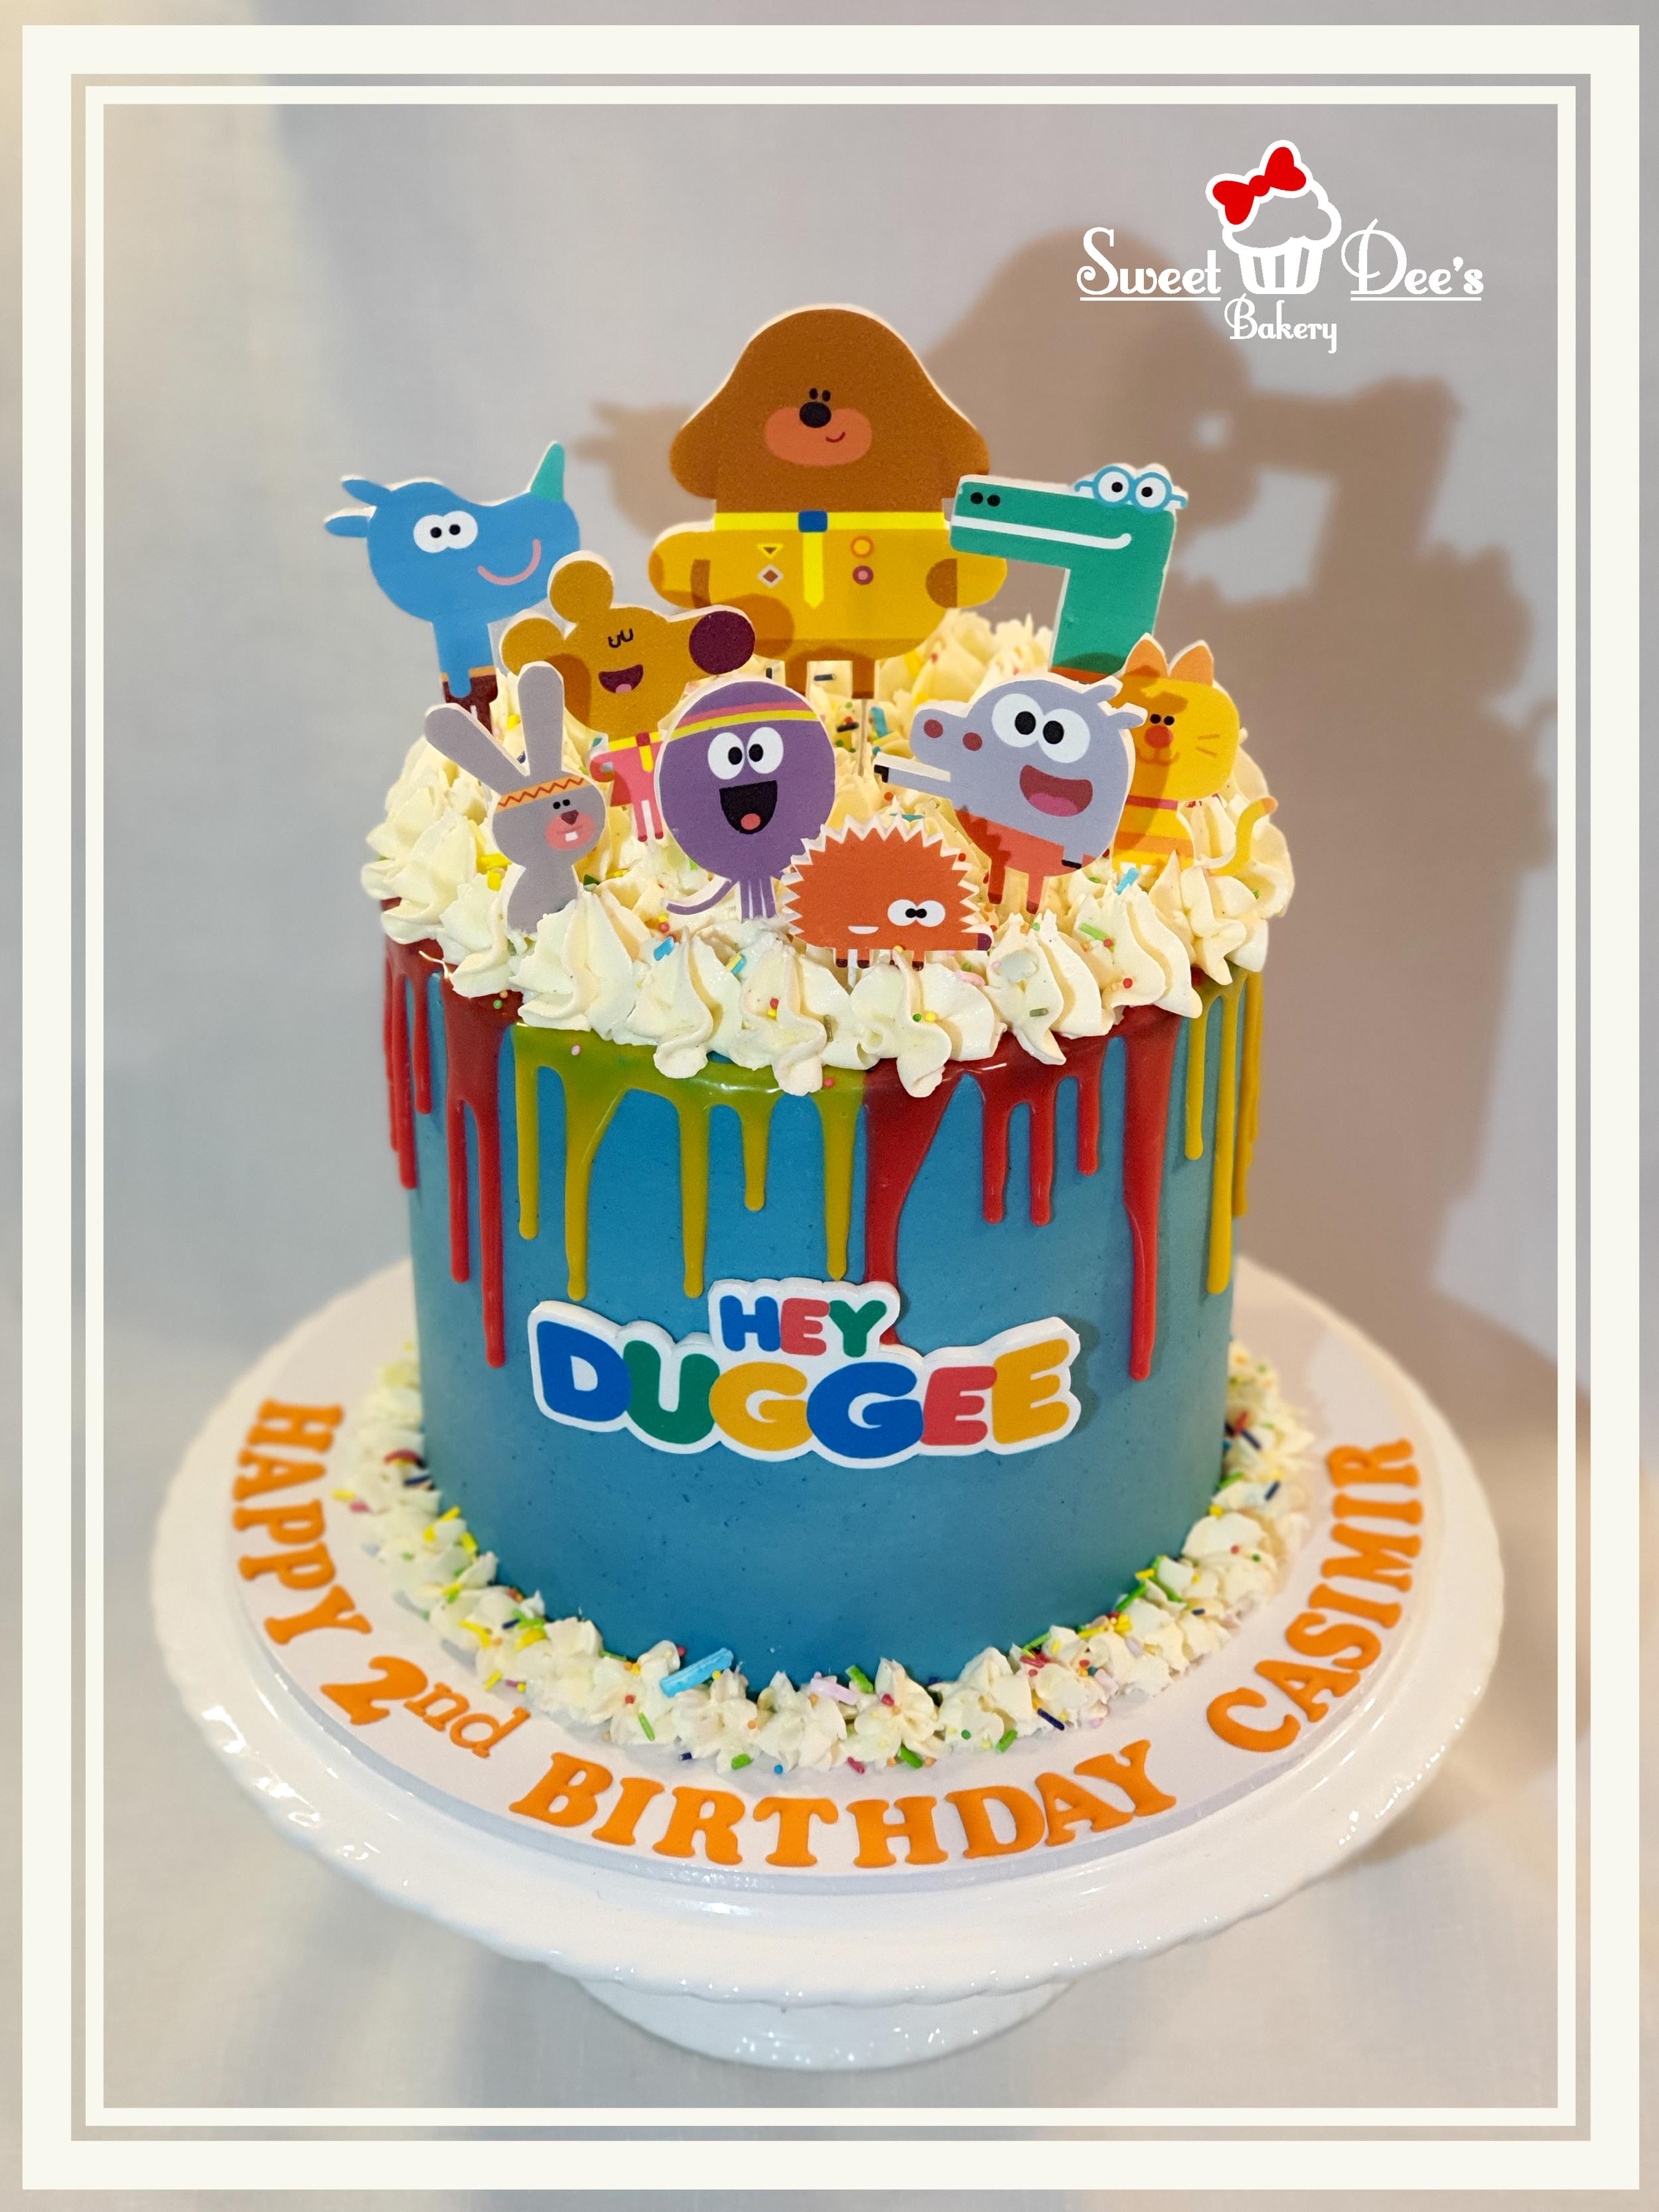 cake gallery sweet dee s bakery cake gallery sweet dee s bakery